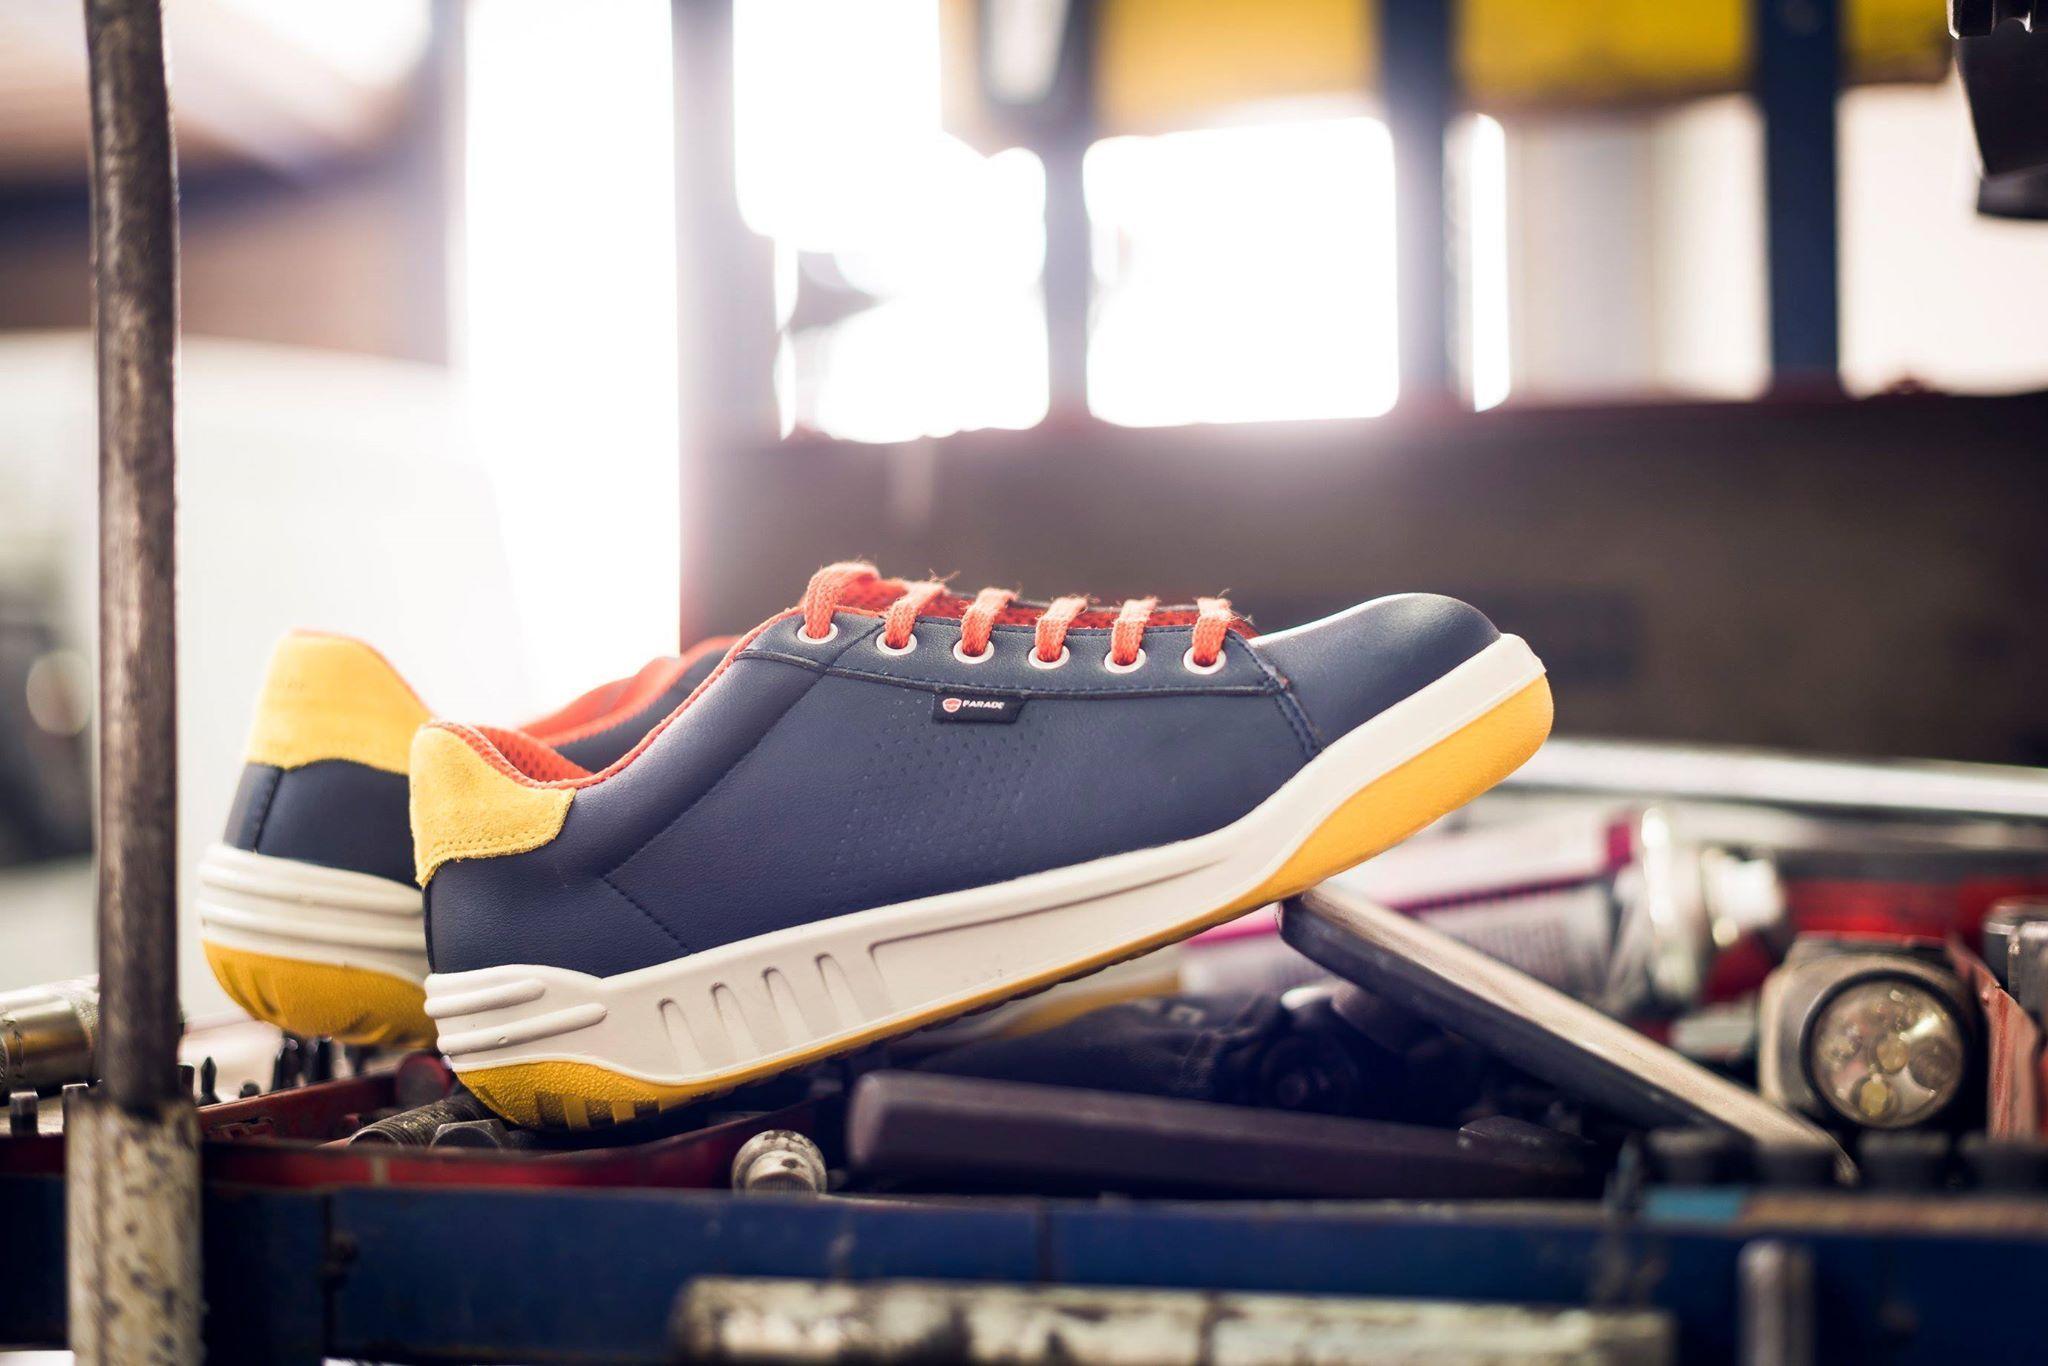 De Orange Shoes Blue Sécurité Safety Bleu Jamma Chaussures 5F1J3ucTlK